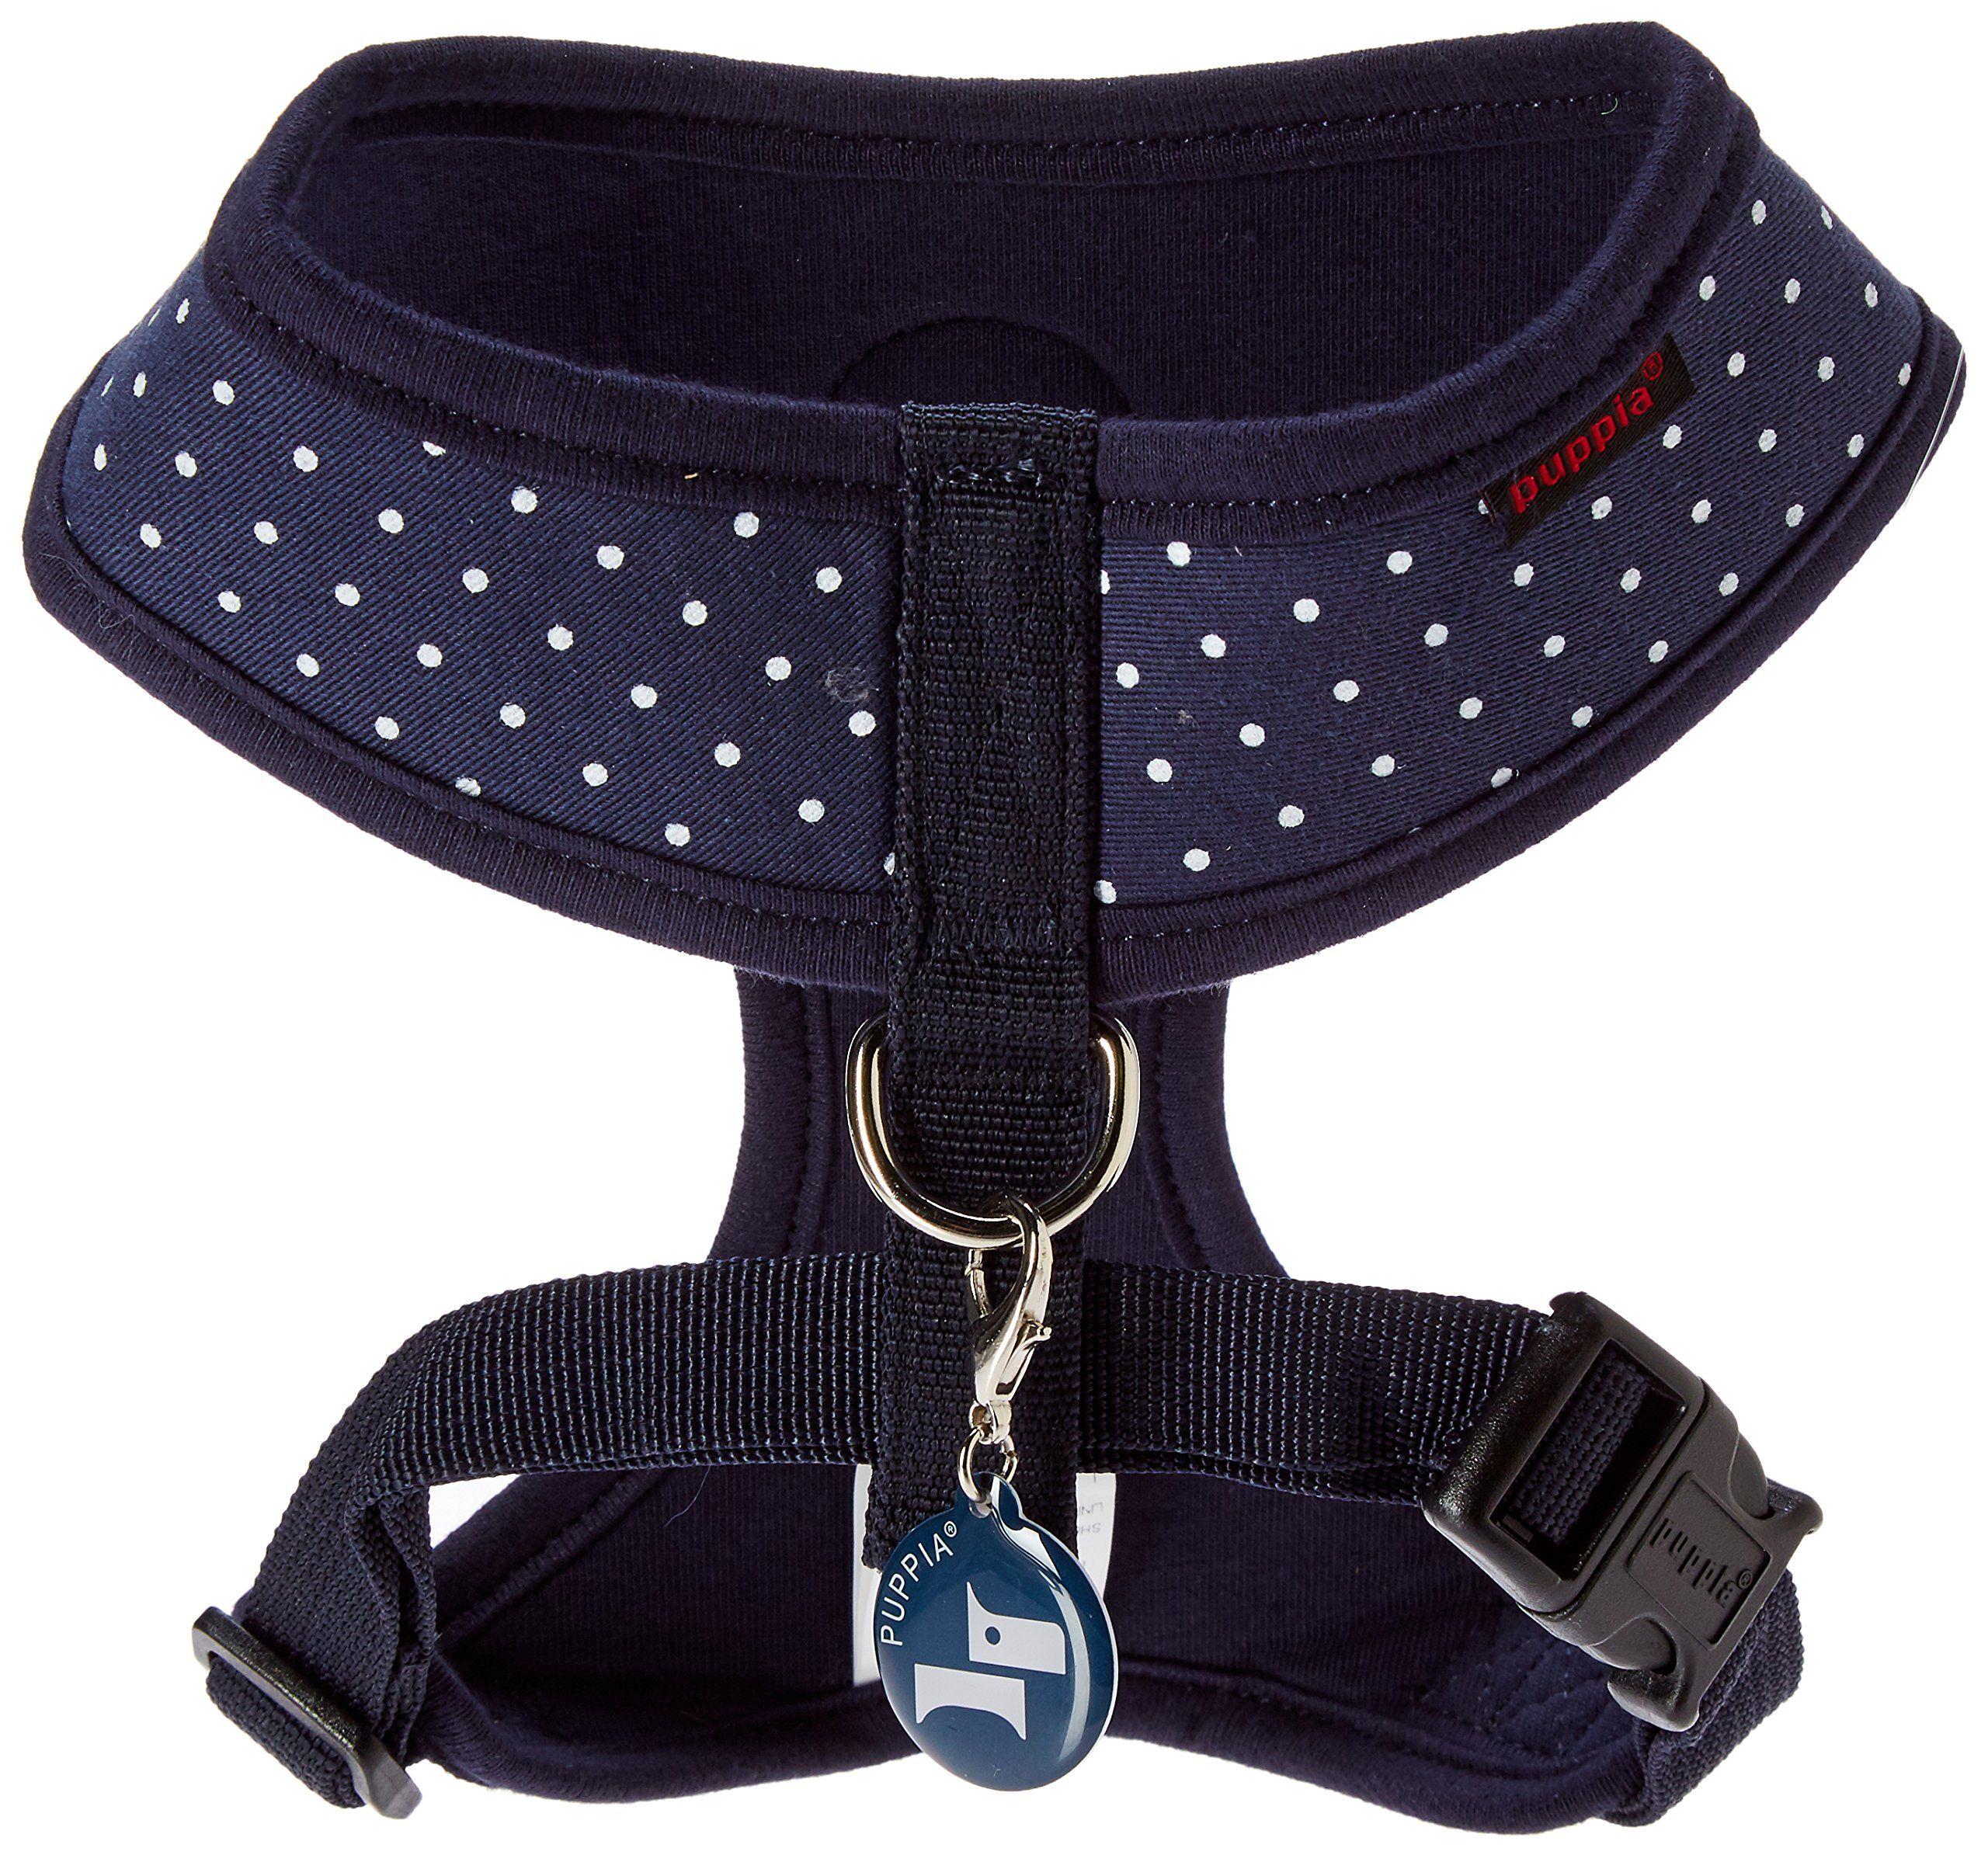 Puppia Paraha1529nym Navy Dotty Harness Ii A